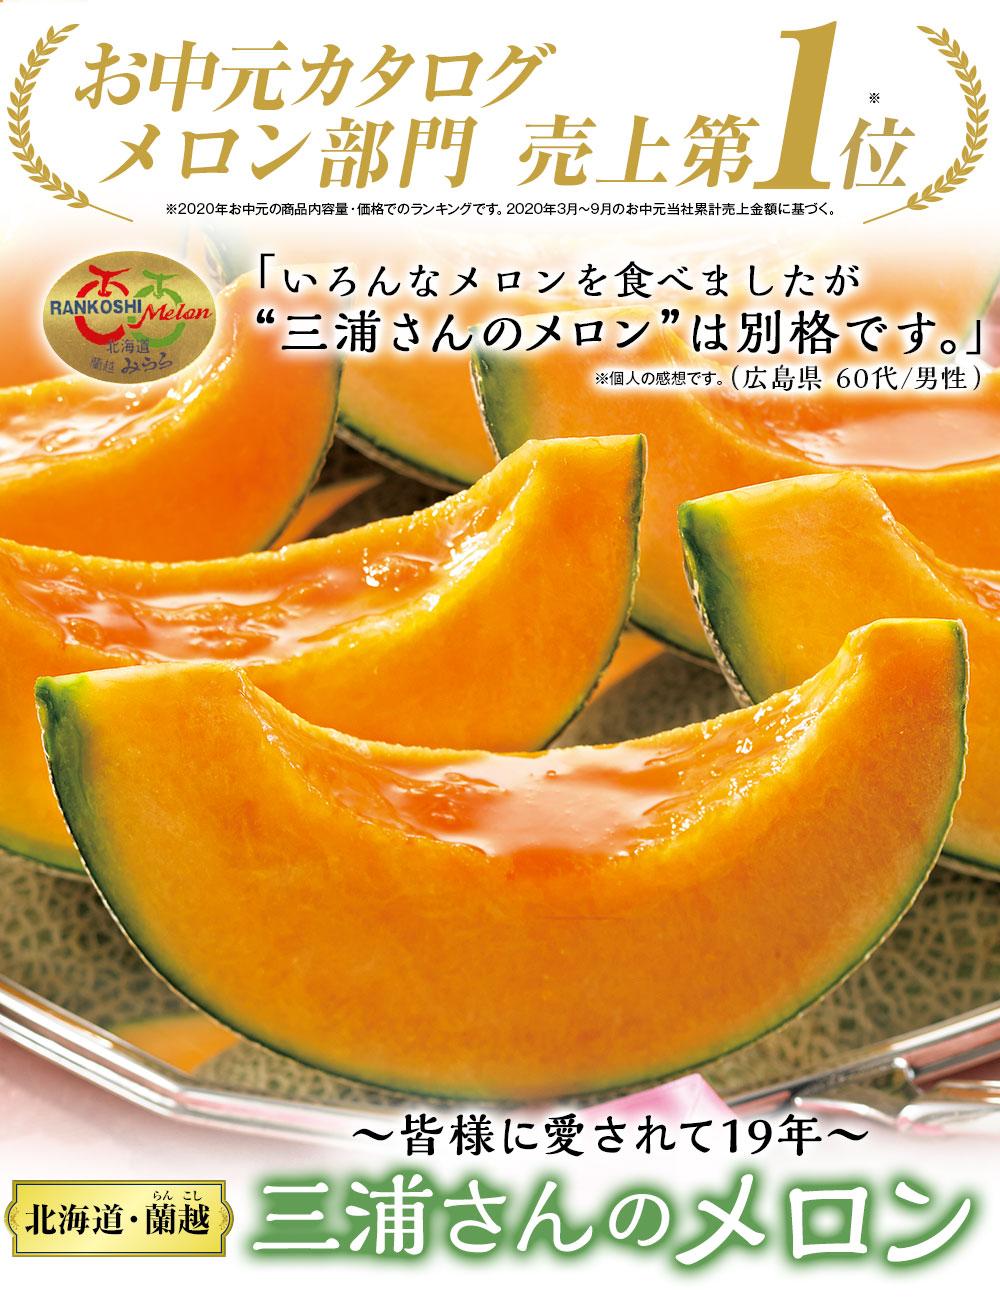 お中元カタログ・お中元カタログメロン部門第一位!三浦さんのメロン